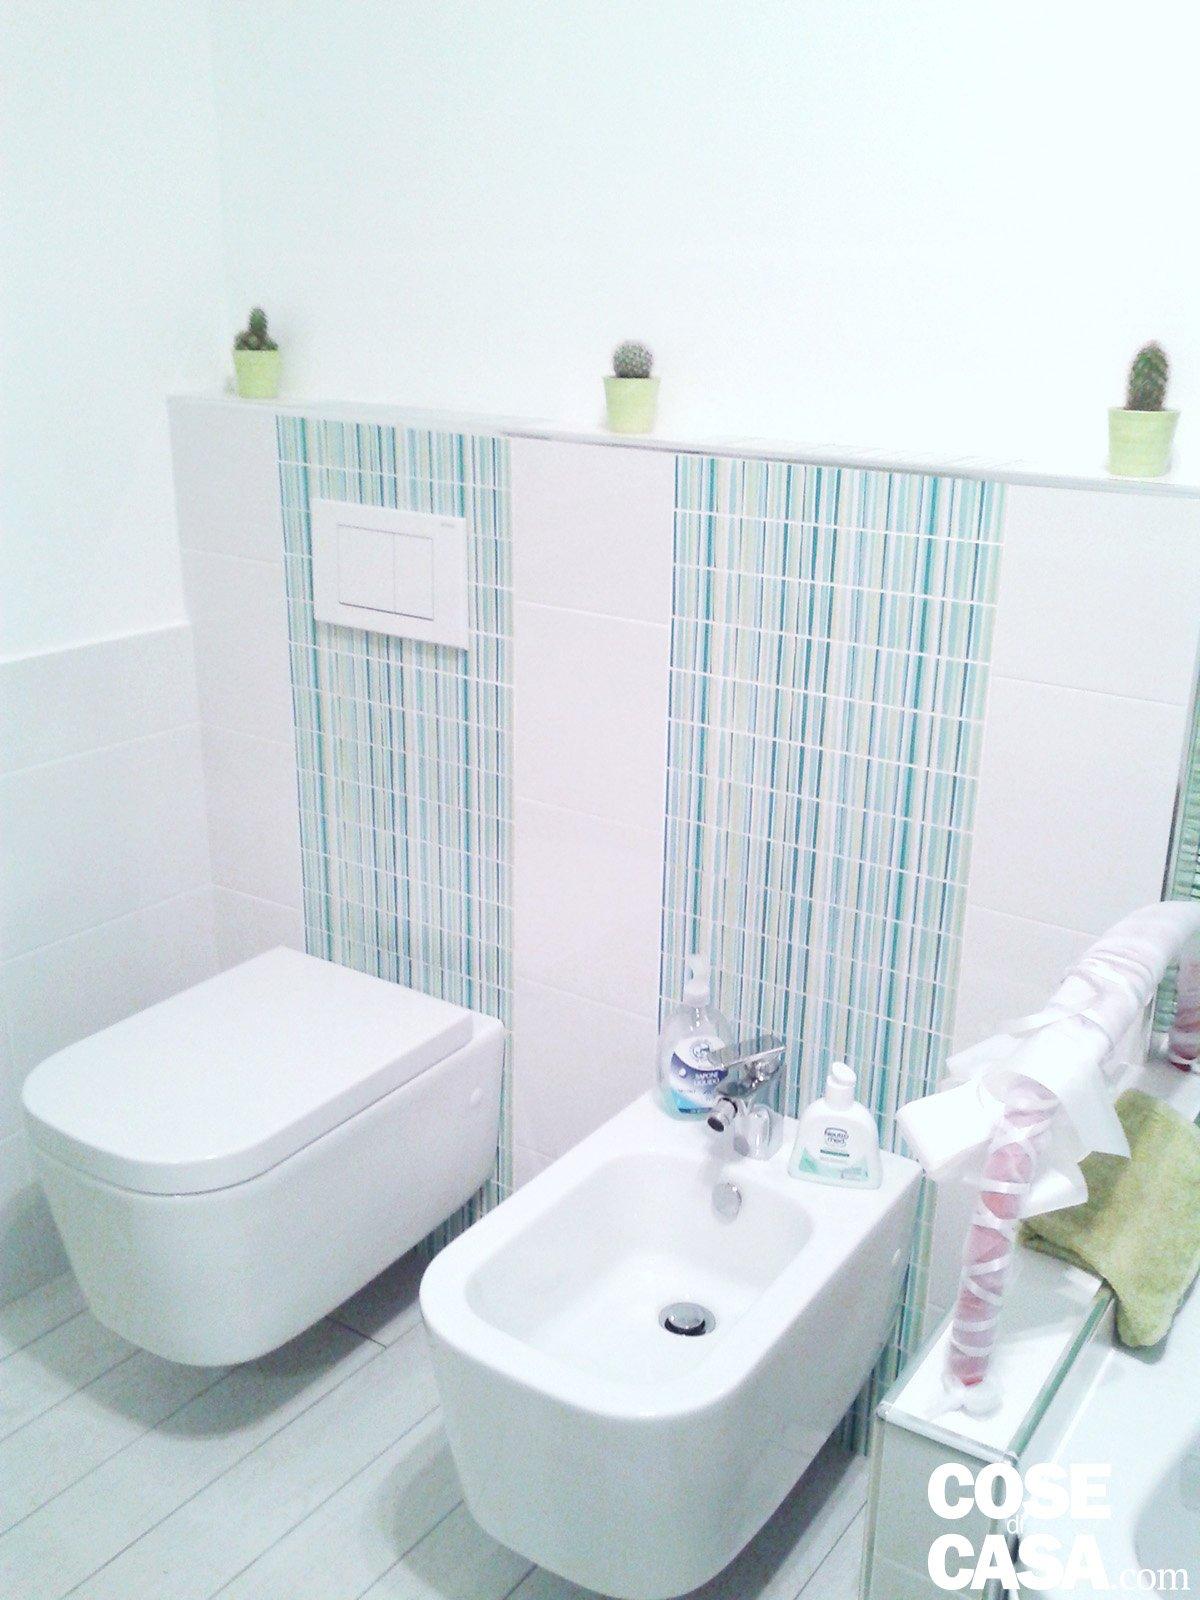 Una casa con giochi di luce soluzioni d 39 arredamento e finiture personalizzate cose di casa - Sanitari bagno ikea ...